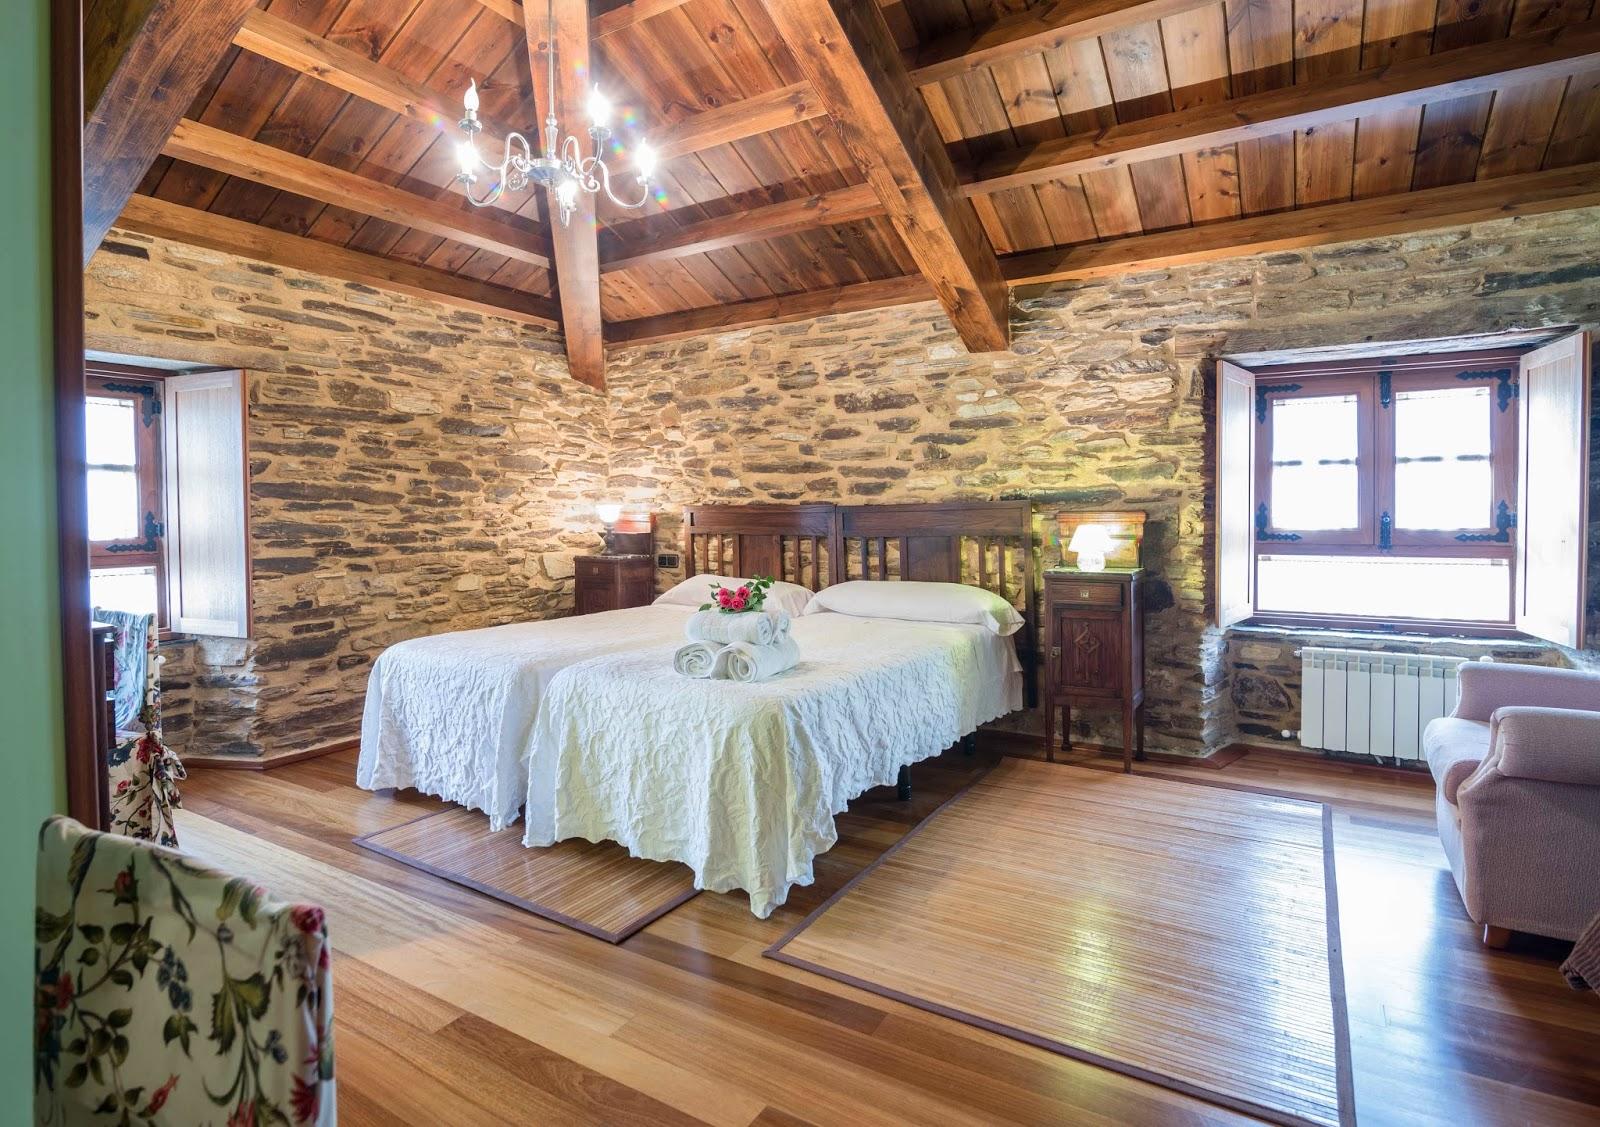 Casa do morcego habitaciones - Turismo rural galicia con ninos ...